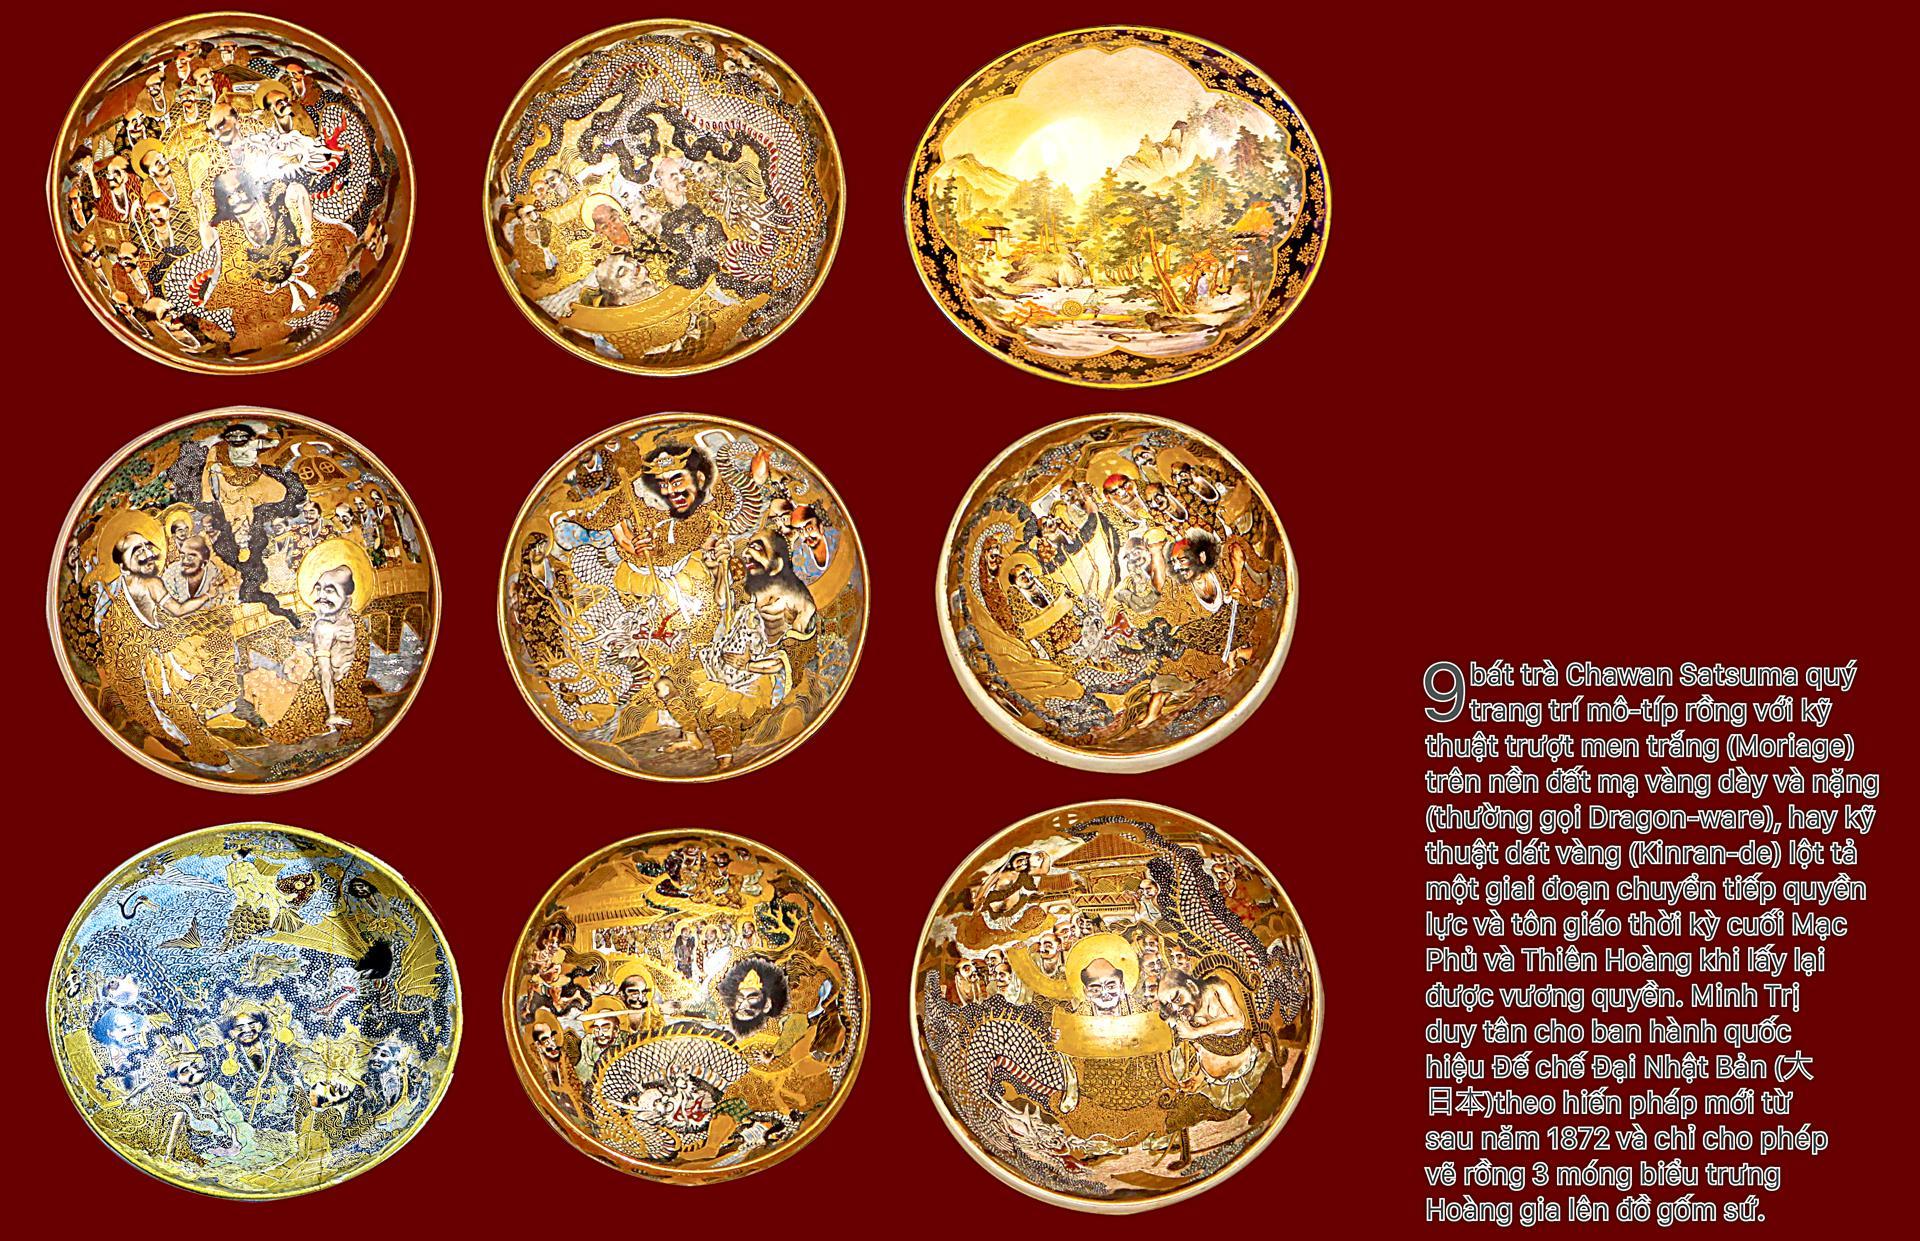 Biểu tượng vương quyền trên những bát trà   ảnh 1